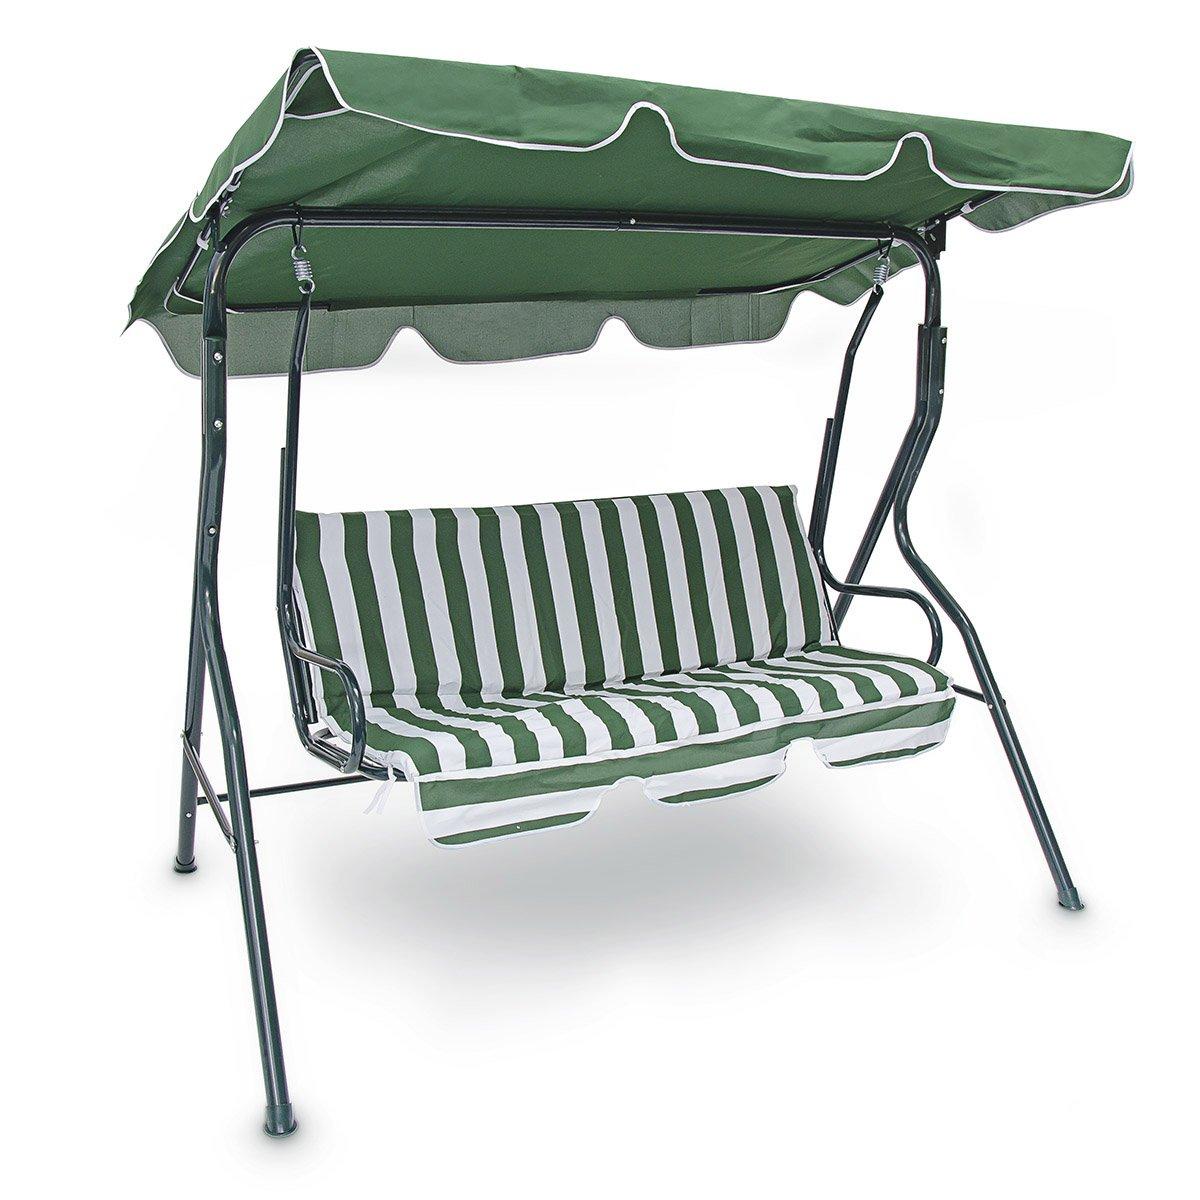 Relaxdays 10018873 Hollywoodschaukel 3-Sitzer gepolsterte Auflage, schwenkbares Sonnendach, grün / weiß